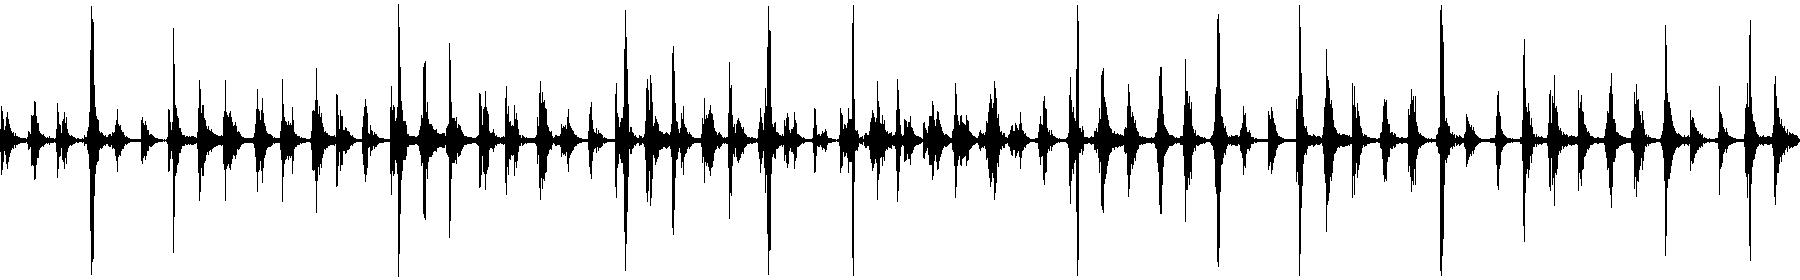 120 bongotech 17